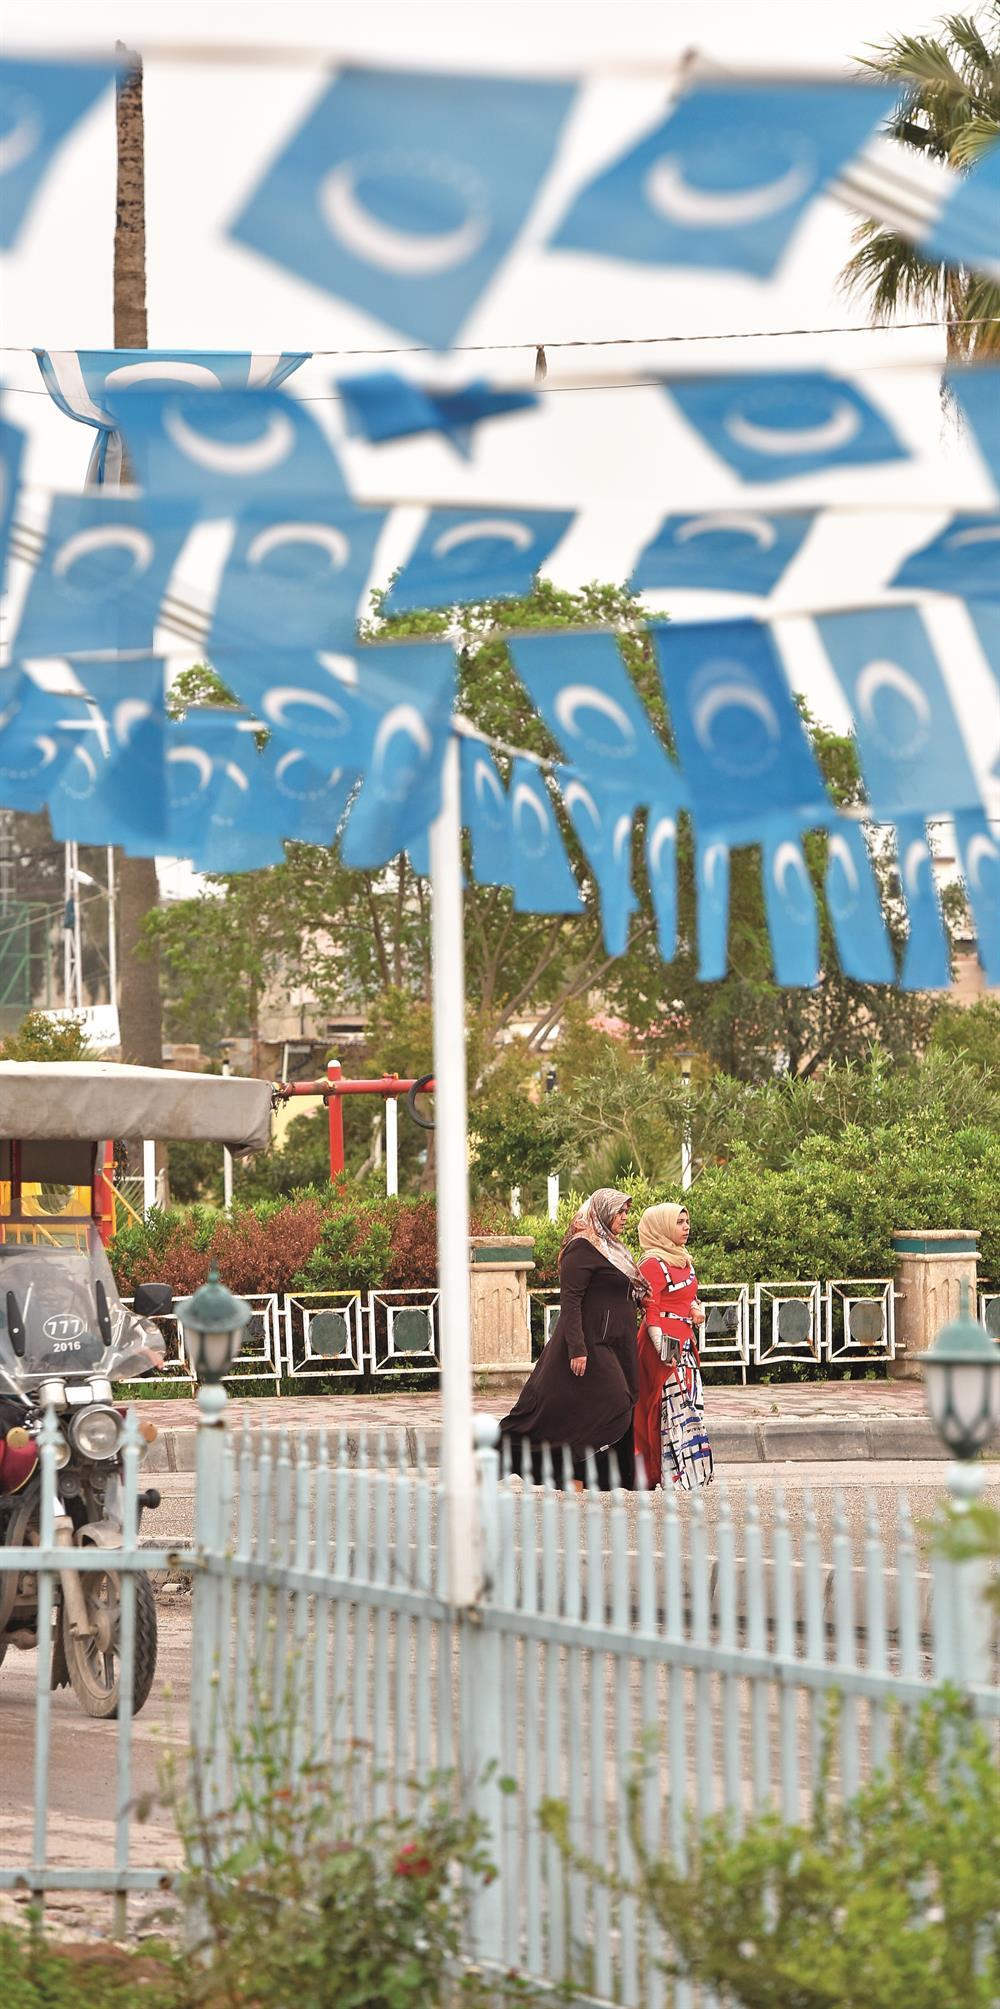 Türkmenlerin yoğun yaşadığı bölgelere bayraklar asıldı.